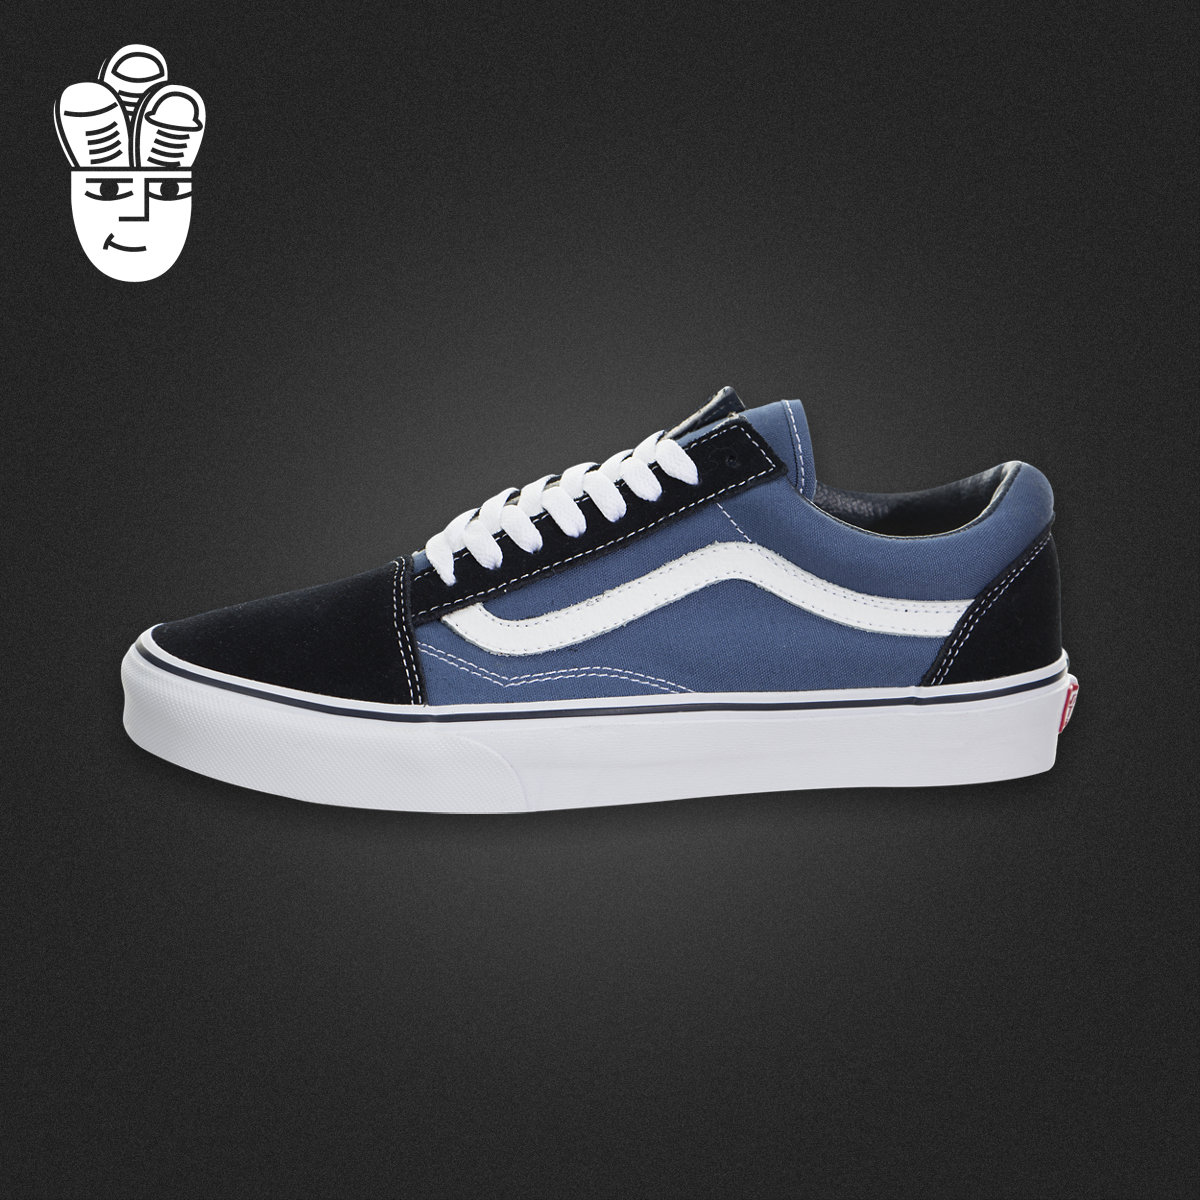 范斯 Vans Old Skool 万斯男鞋 经典滑板鞋 运动休闲鞋 帆布鞋